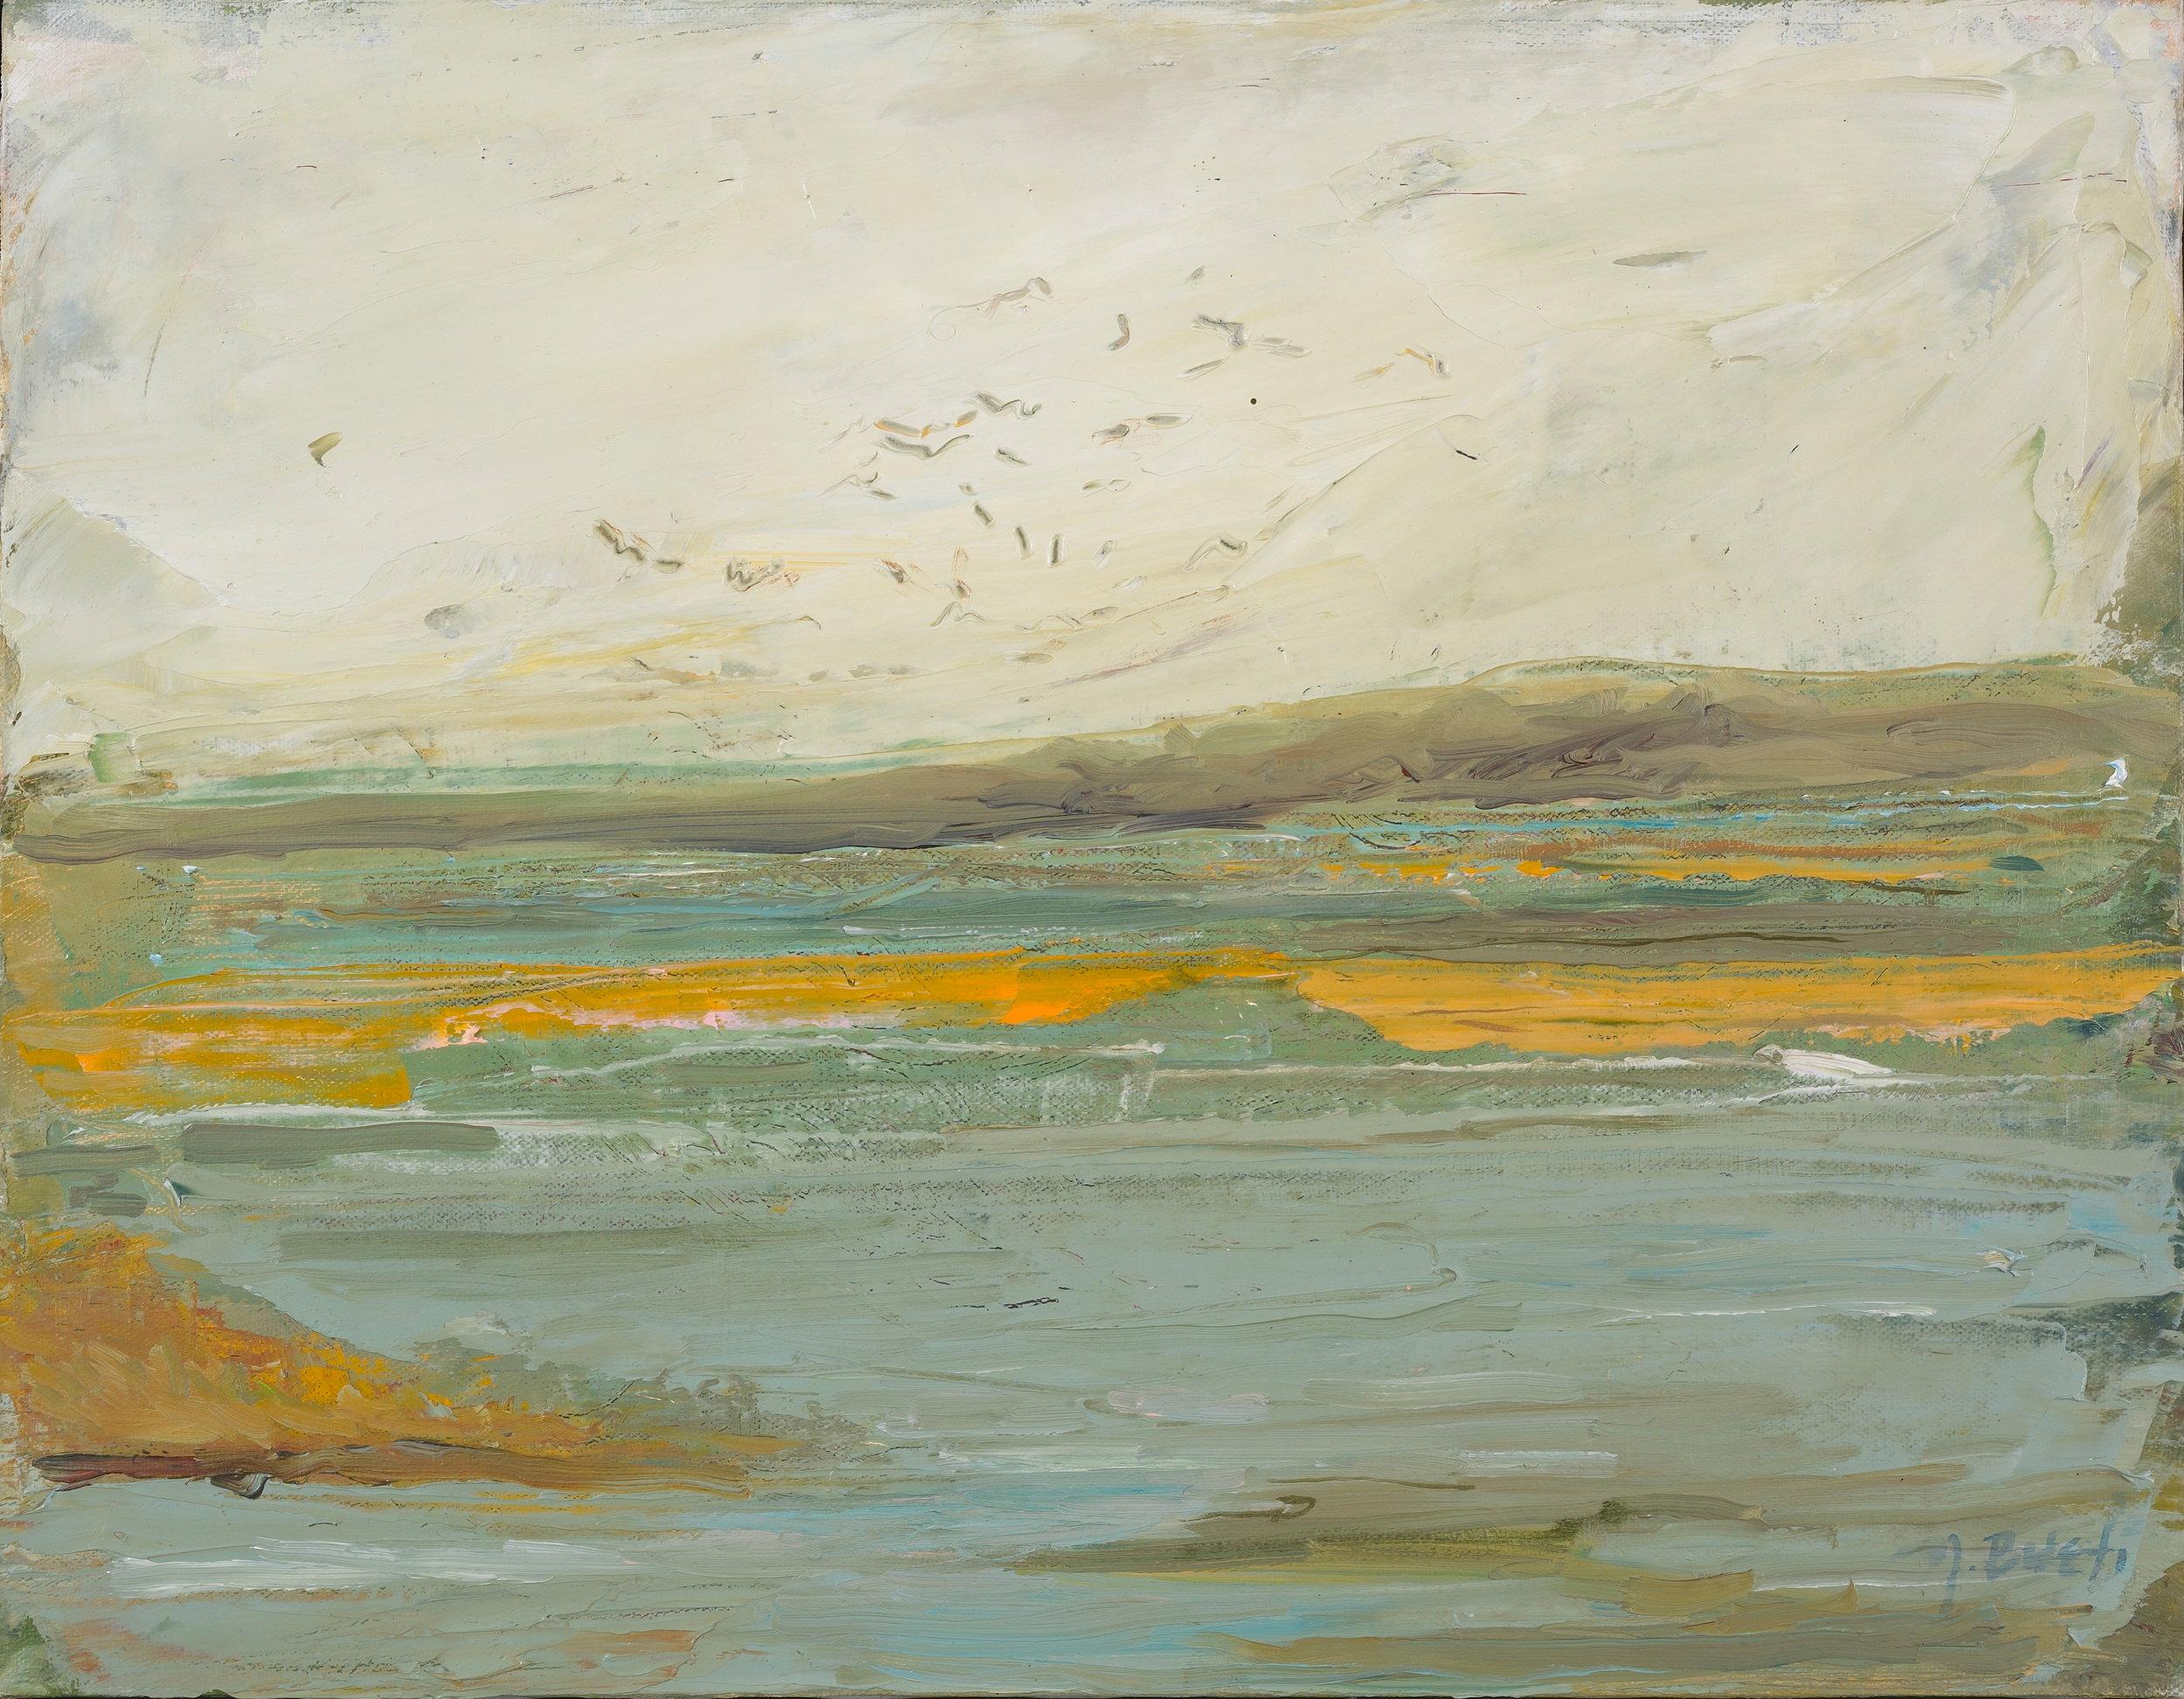 Rainy Harbor 2  14X16 - Oil on Canvas